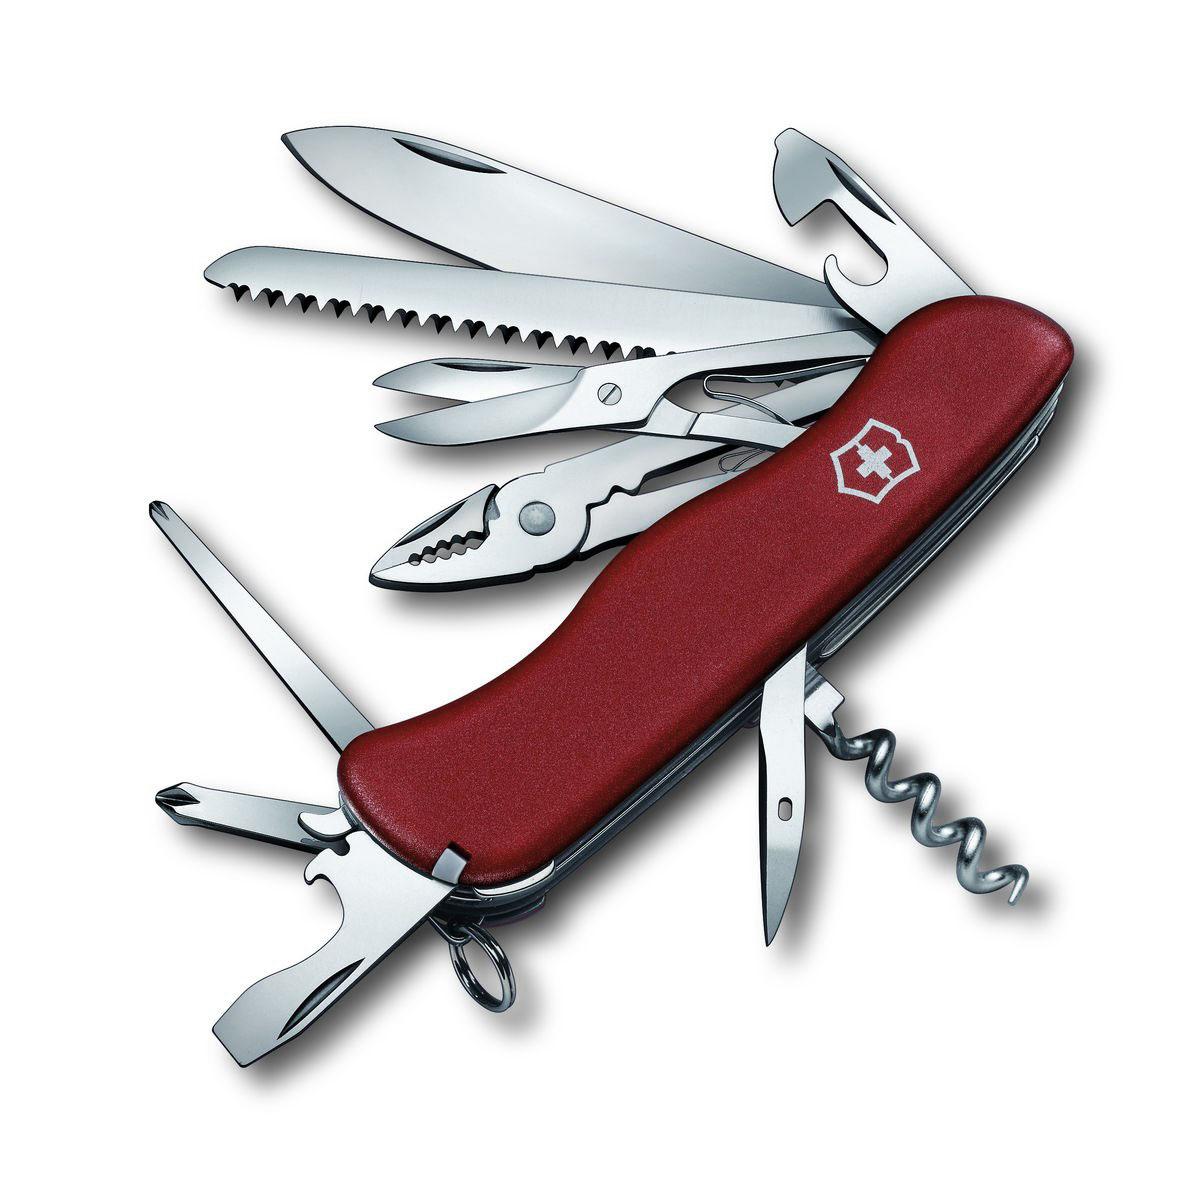 Нож перочинный Victorinox Hercules, цвет: красный, 18 функций, 11,1 см0.9043Лезвие перочинного складного ножа Victorinox Hercules изготовлено из высококачественной нержавеющей стали. Ручка, выполненная из прочного пластика, обеспечивает надежный и удобный хват.Хорошее качество, надежный долговечный материал и эргономичная рукоятка - что может быть удобнее на природе или на пикнике!Функции ножа:Фиксирующееся лезвие.Штопор.Консервный нож с малой отверткой.Открывалка для бутылок с отверткой и инструментом для снятия изоляции.Шило, кернер.Кольцо для ключей.Пинцет.Зубочистка.Пила по дереву.Ножницы.Длинная крестовая отвертка.Плоскогубцы с кусачками для проводов и инструментом для обжима проводов.Крестовая отвертка.Длина ножа в сложенном виде: 11,1 см.Длина ножа в разложенном виде: 19,5 см.